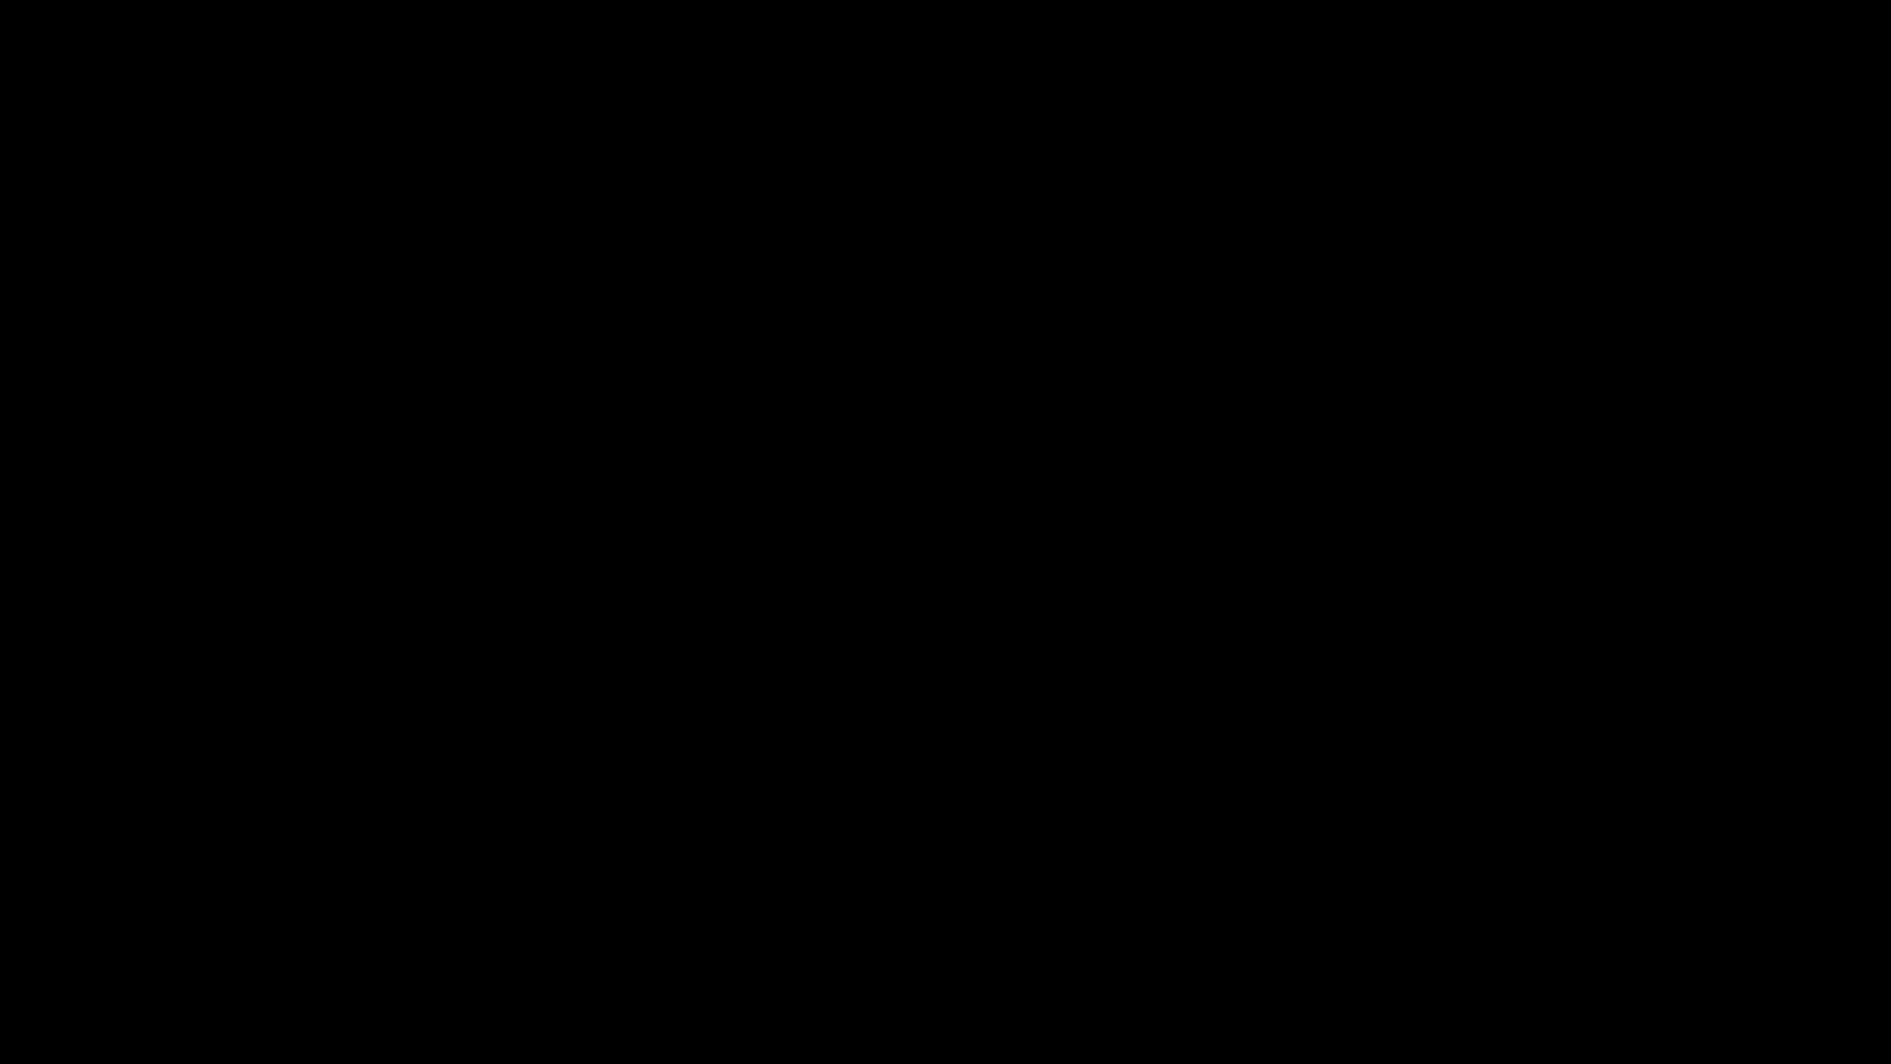 p1030673-rotated